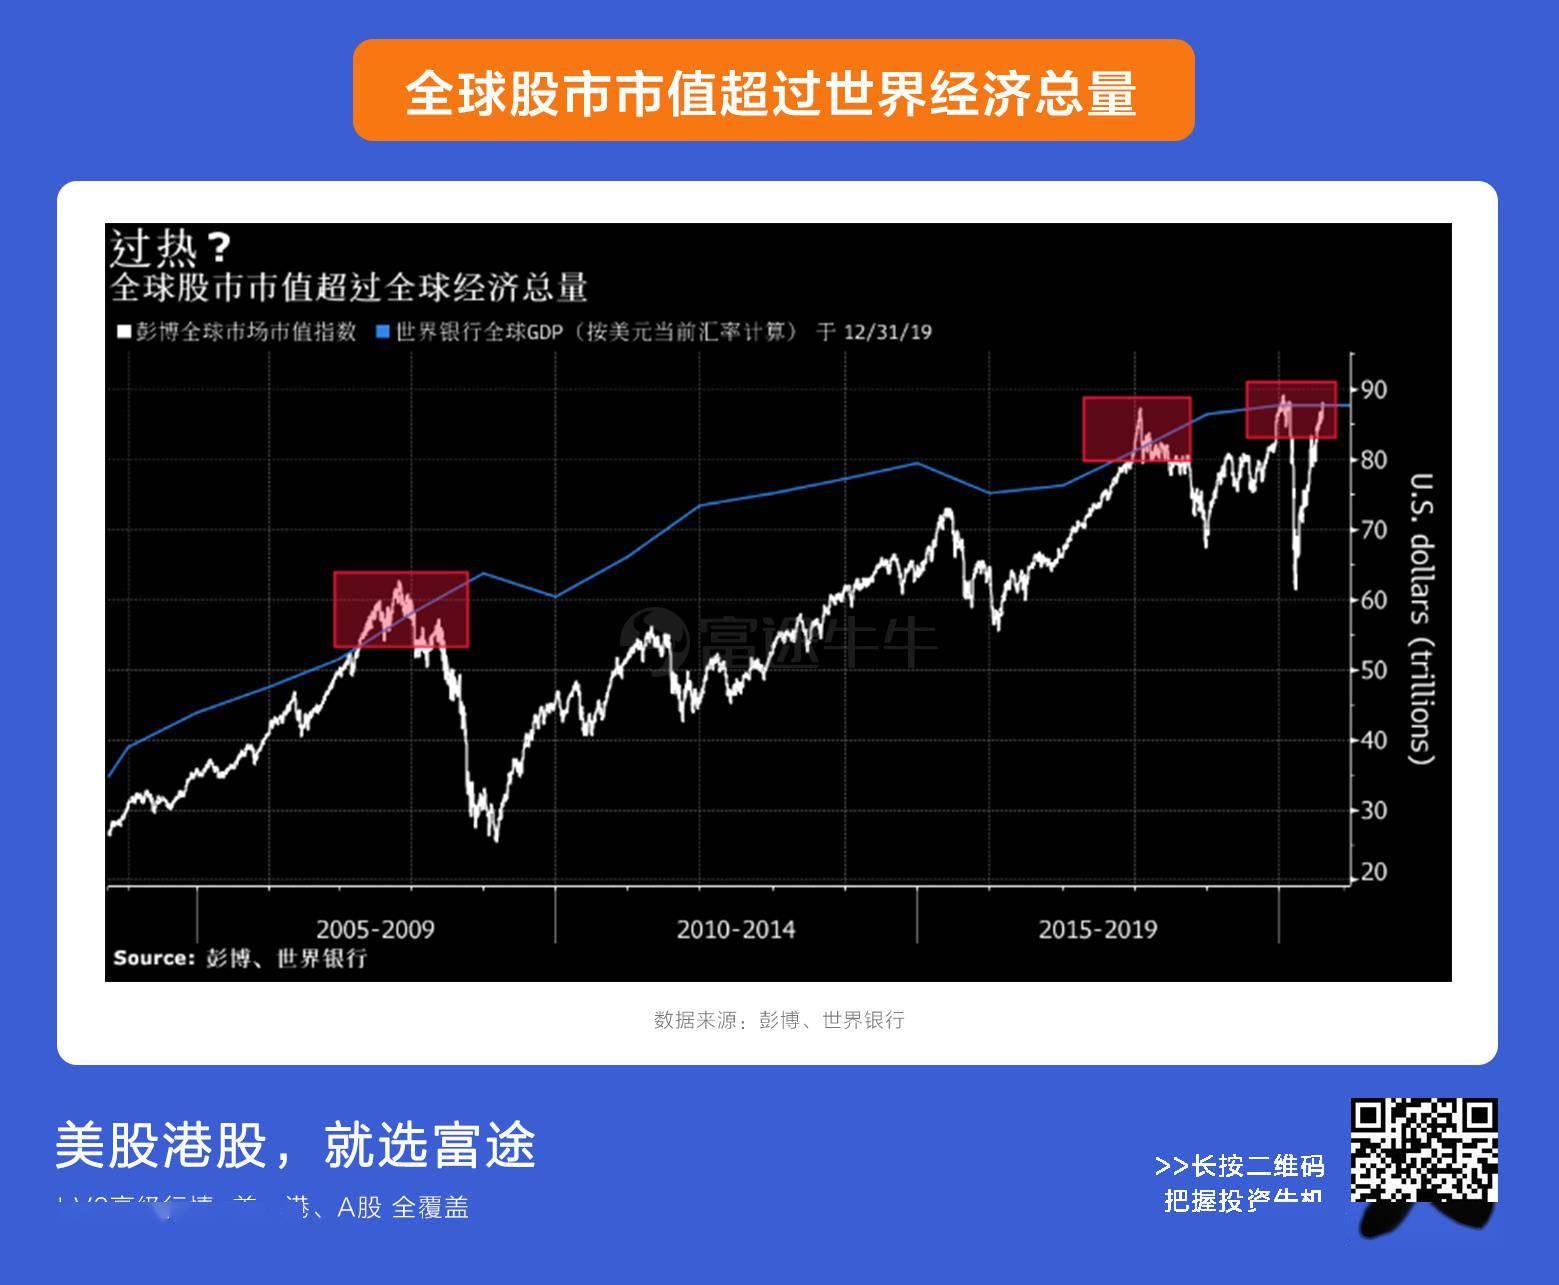 世界经济总量构成图_平面构成点